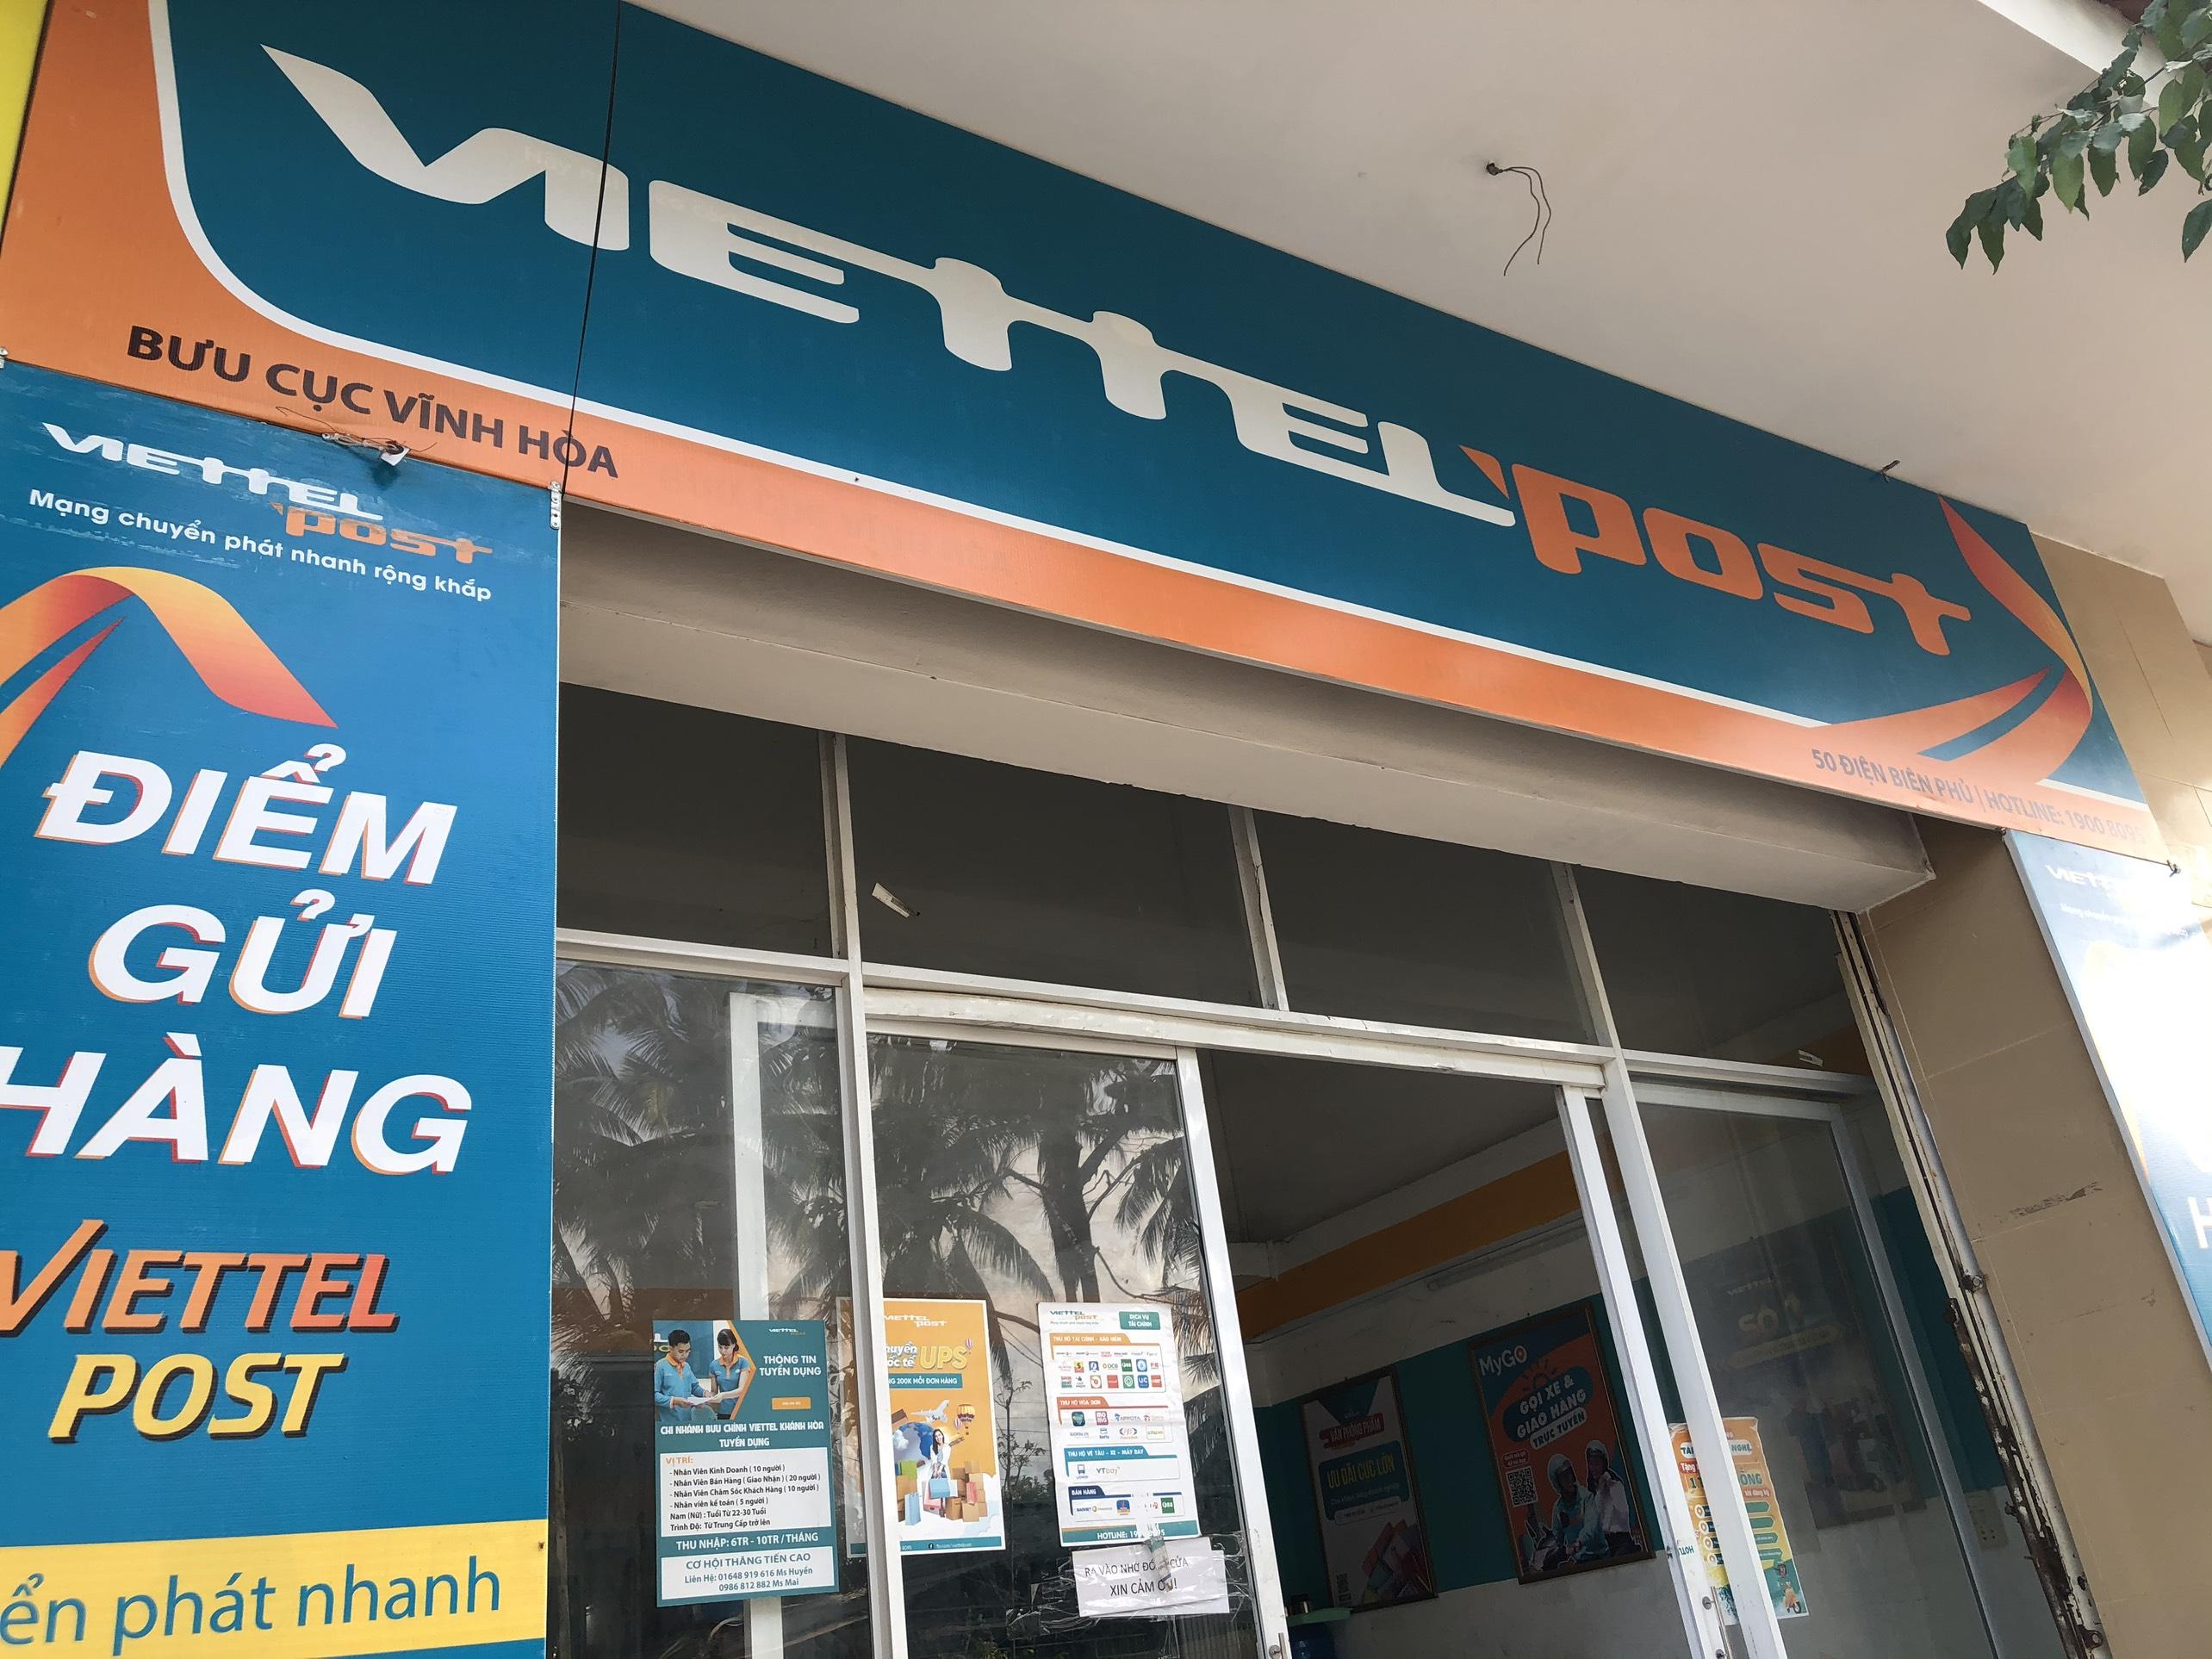 Viettel đấu giá gần 5 triệu cổ phần Viettel Post với giá khởi điểm 104.800 đồng/cp - Ảnh 1.